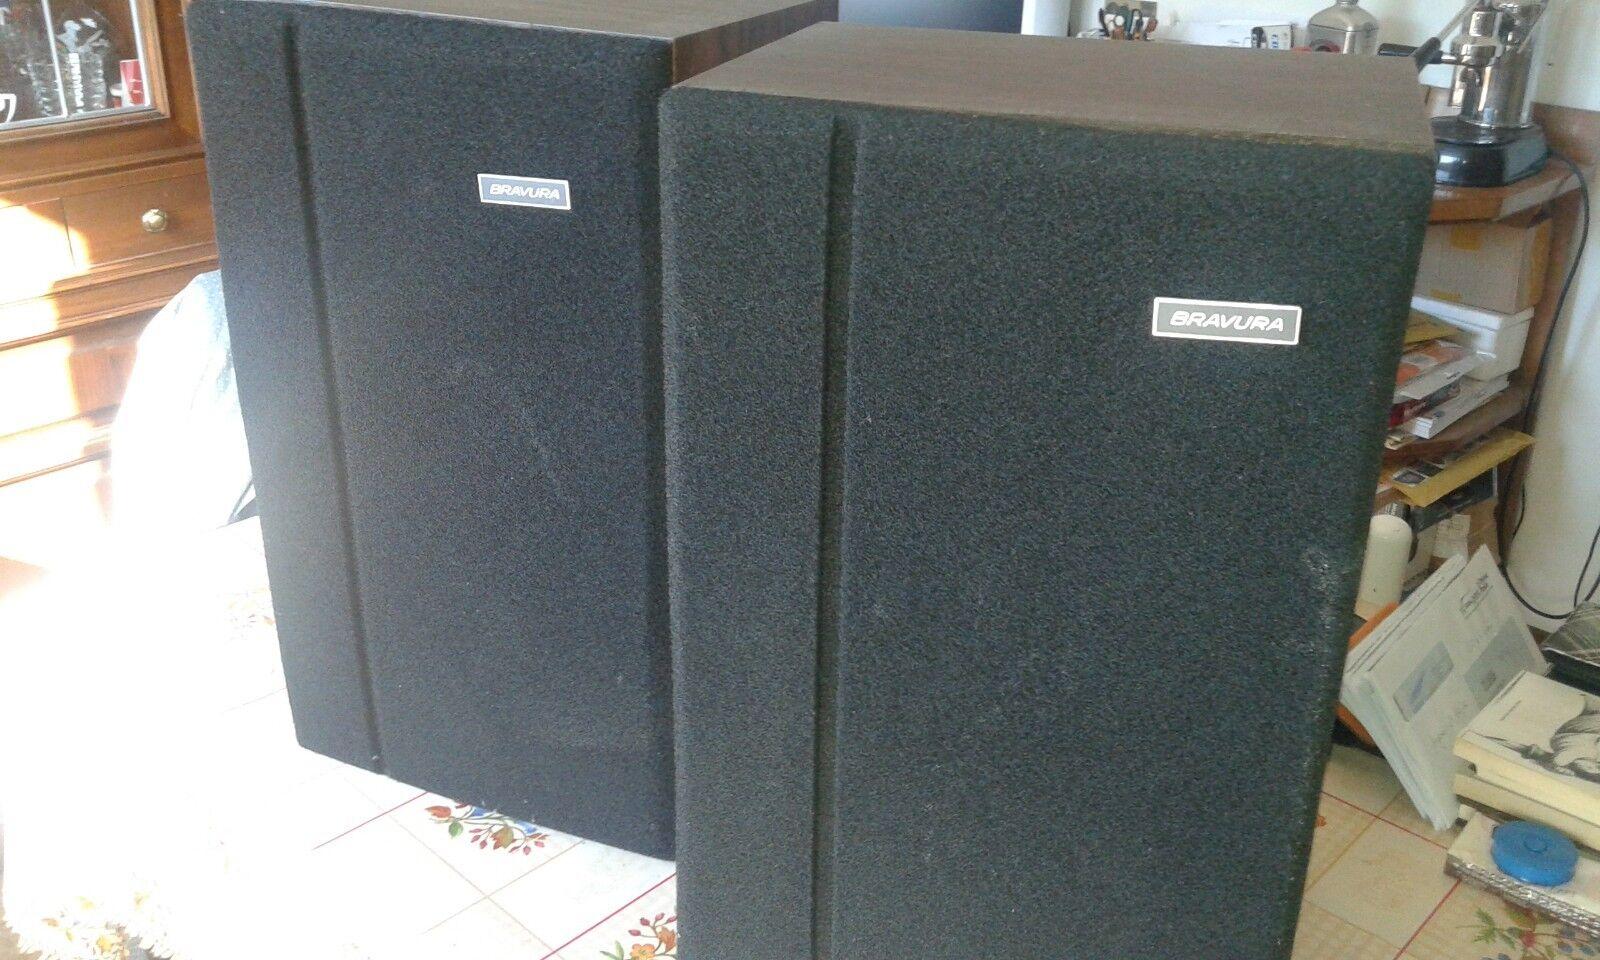 Bose Speakers Mod. skill.